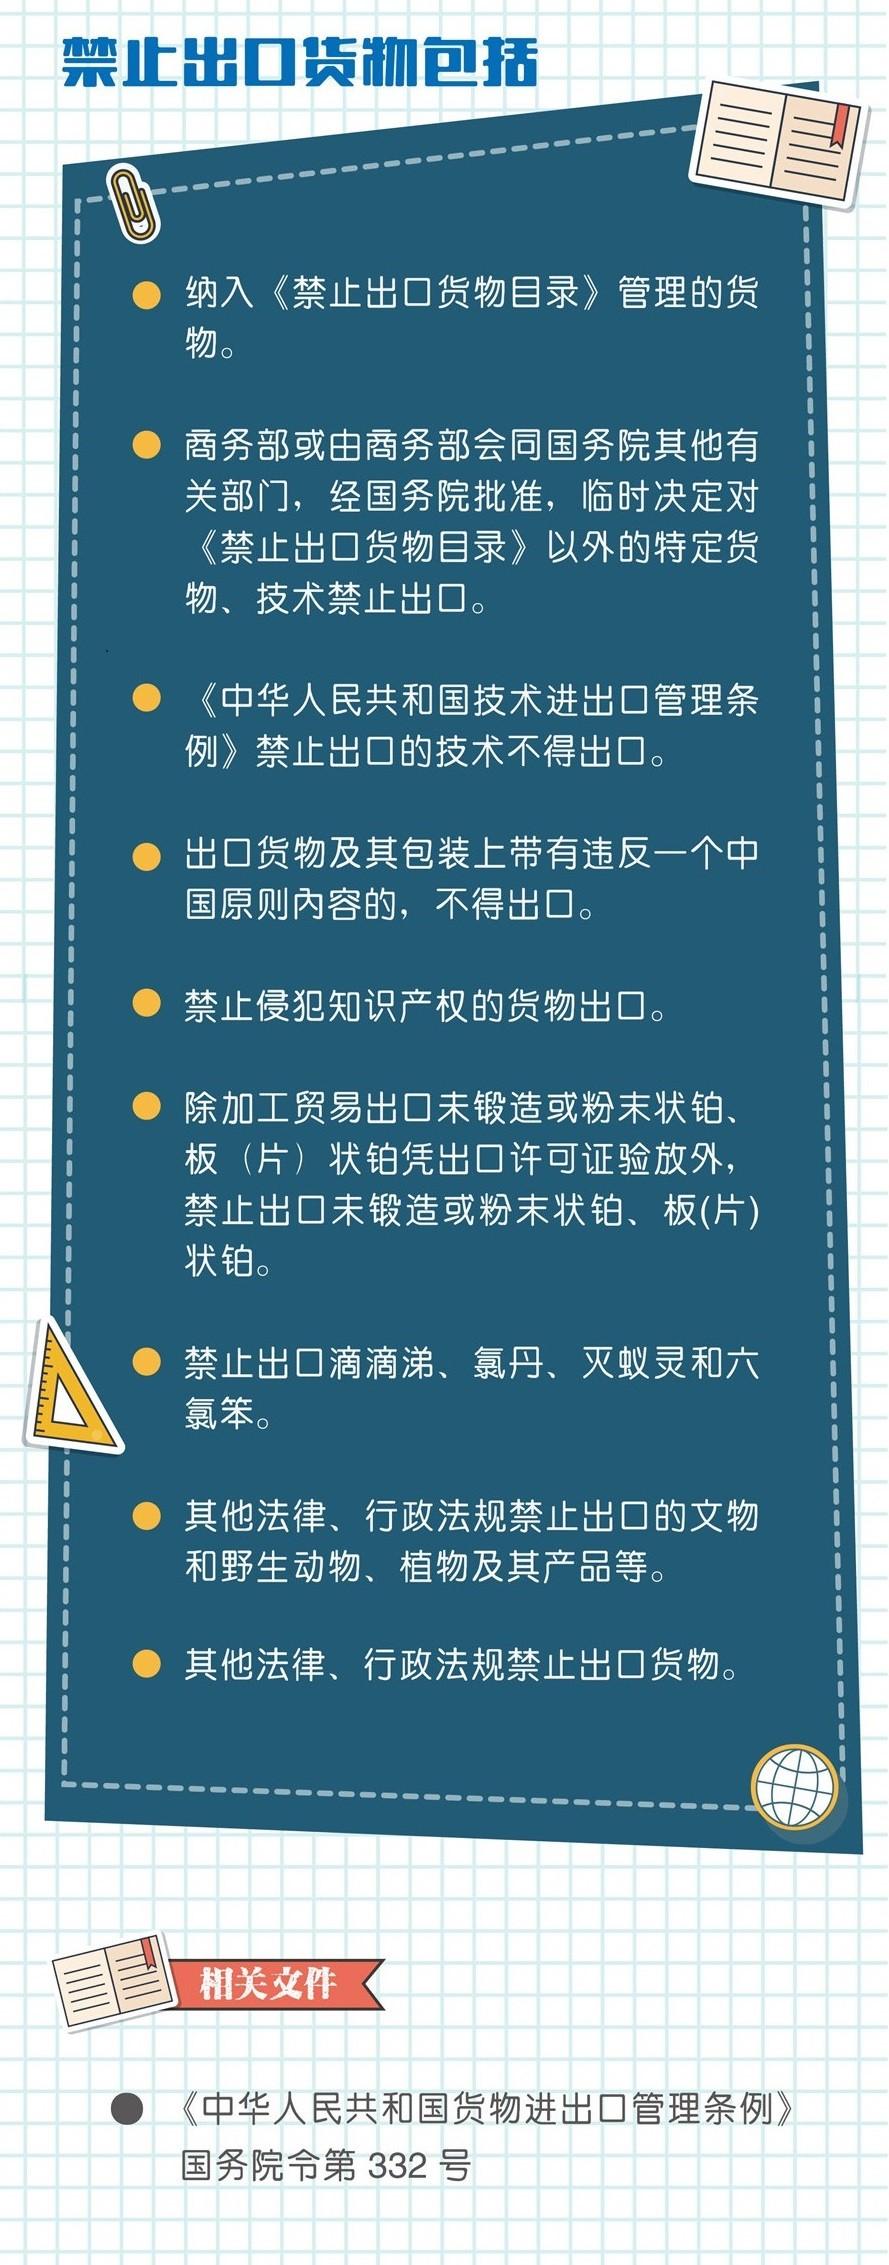 旧机电产品禁止进口63.jpg